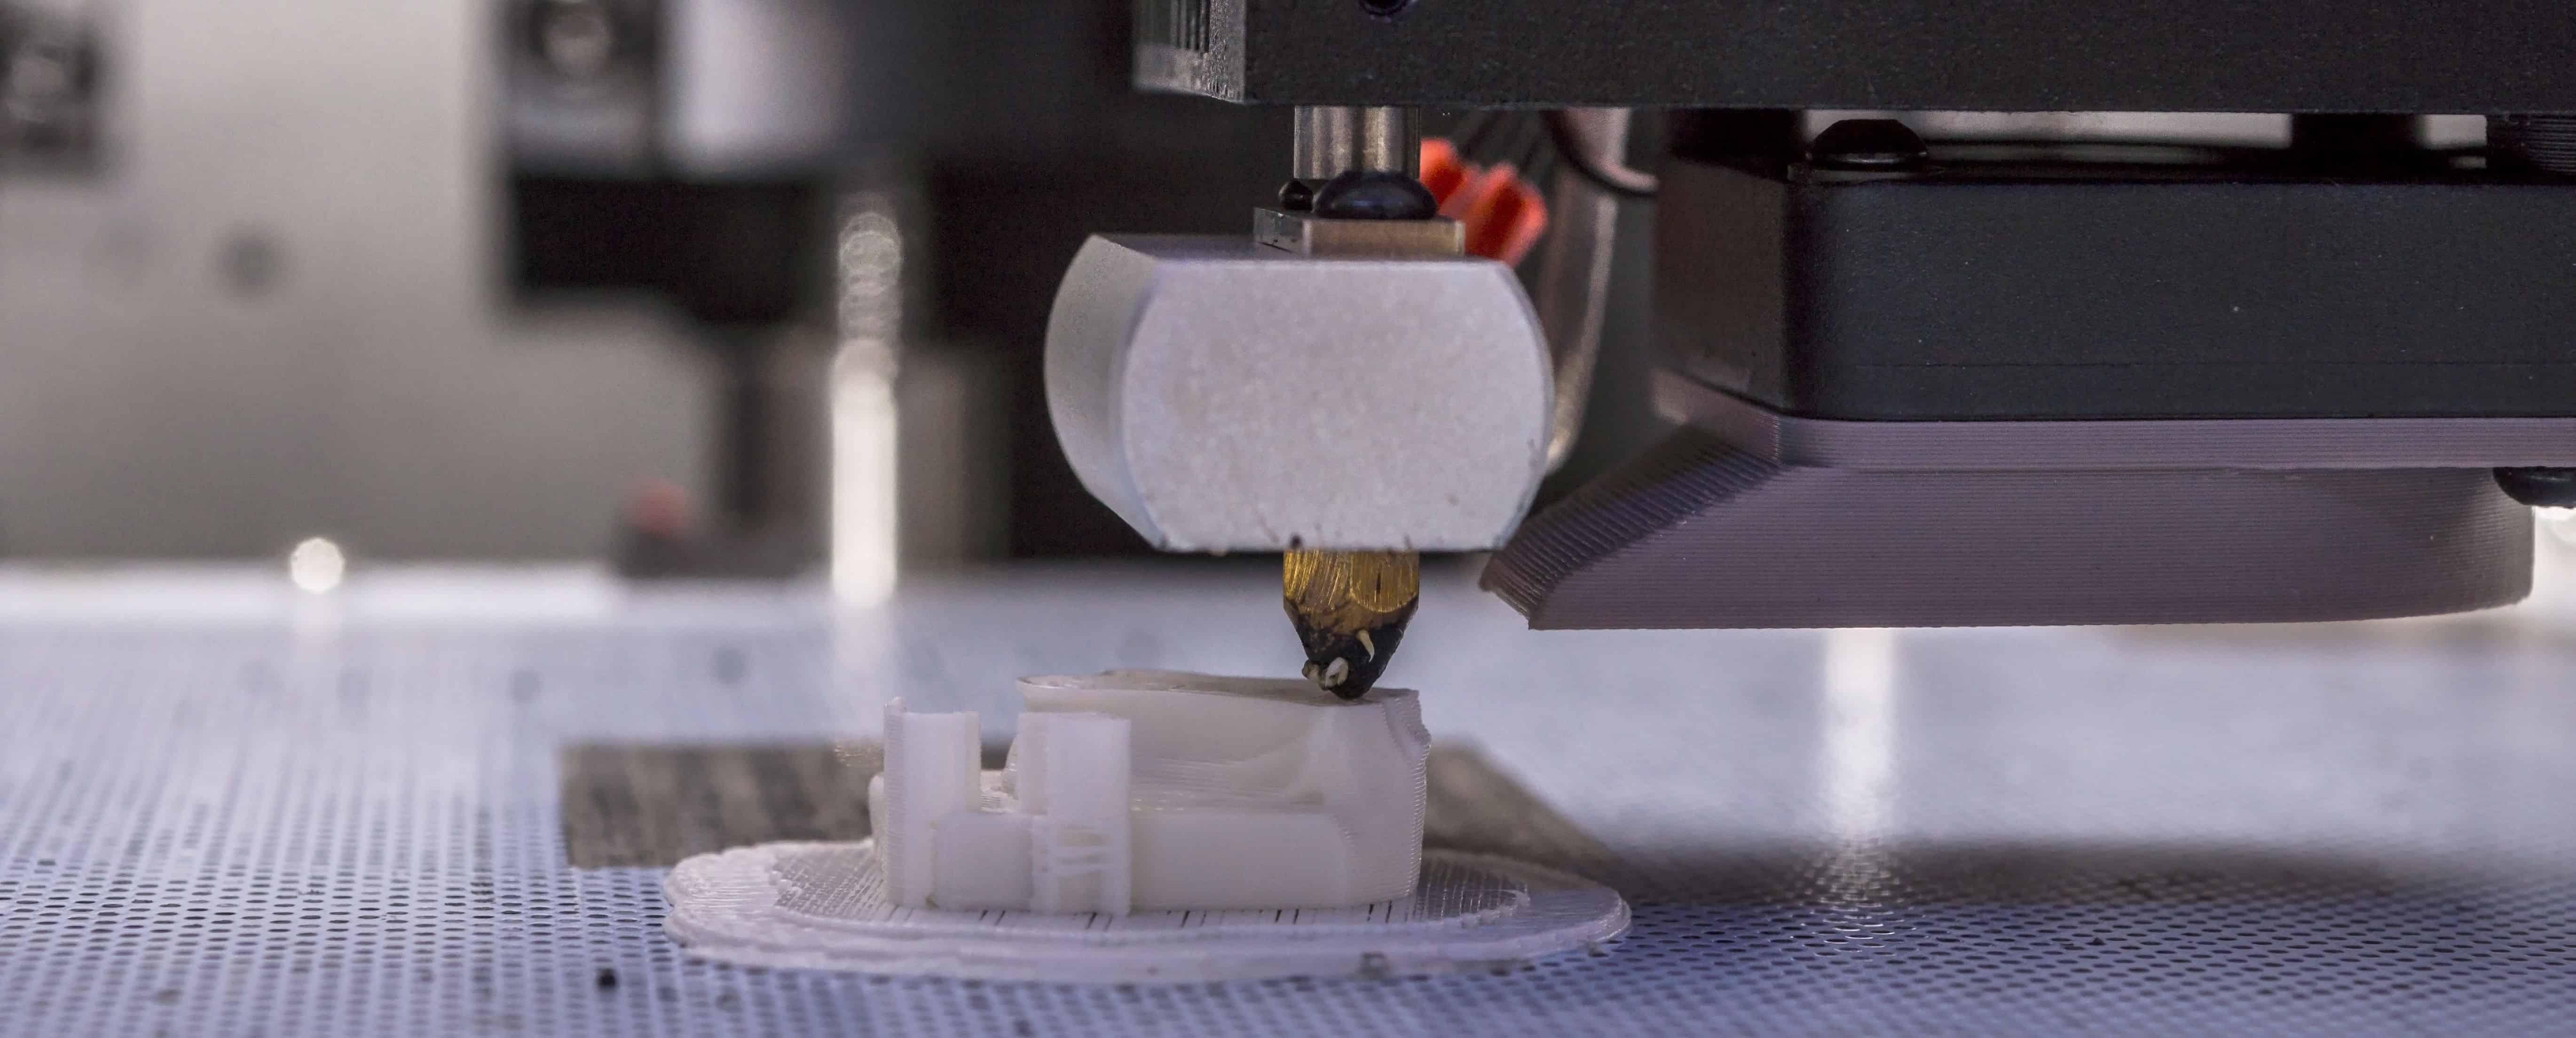 Impressão 3D: como funciona e tudo o que você precisa saber